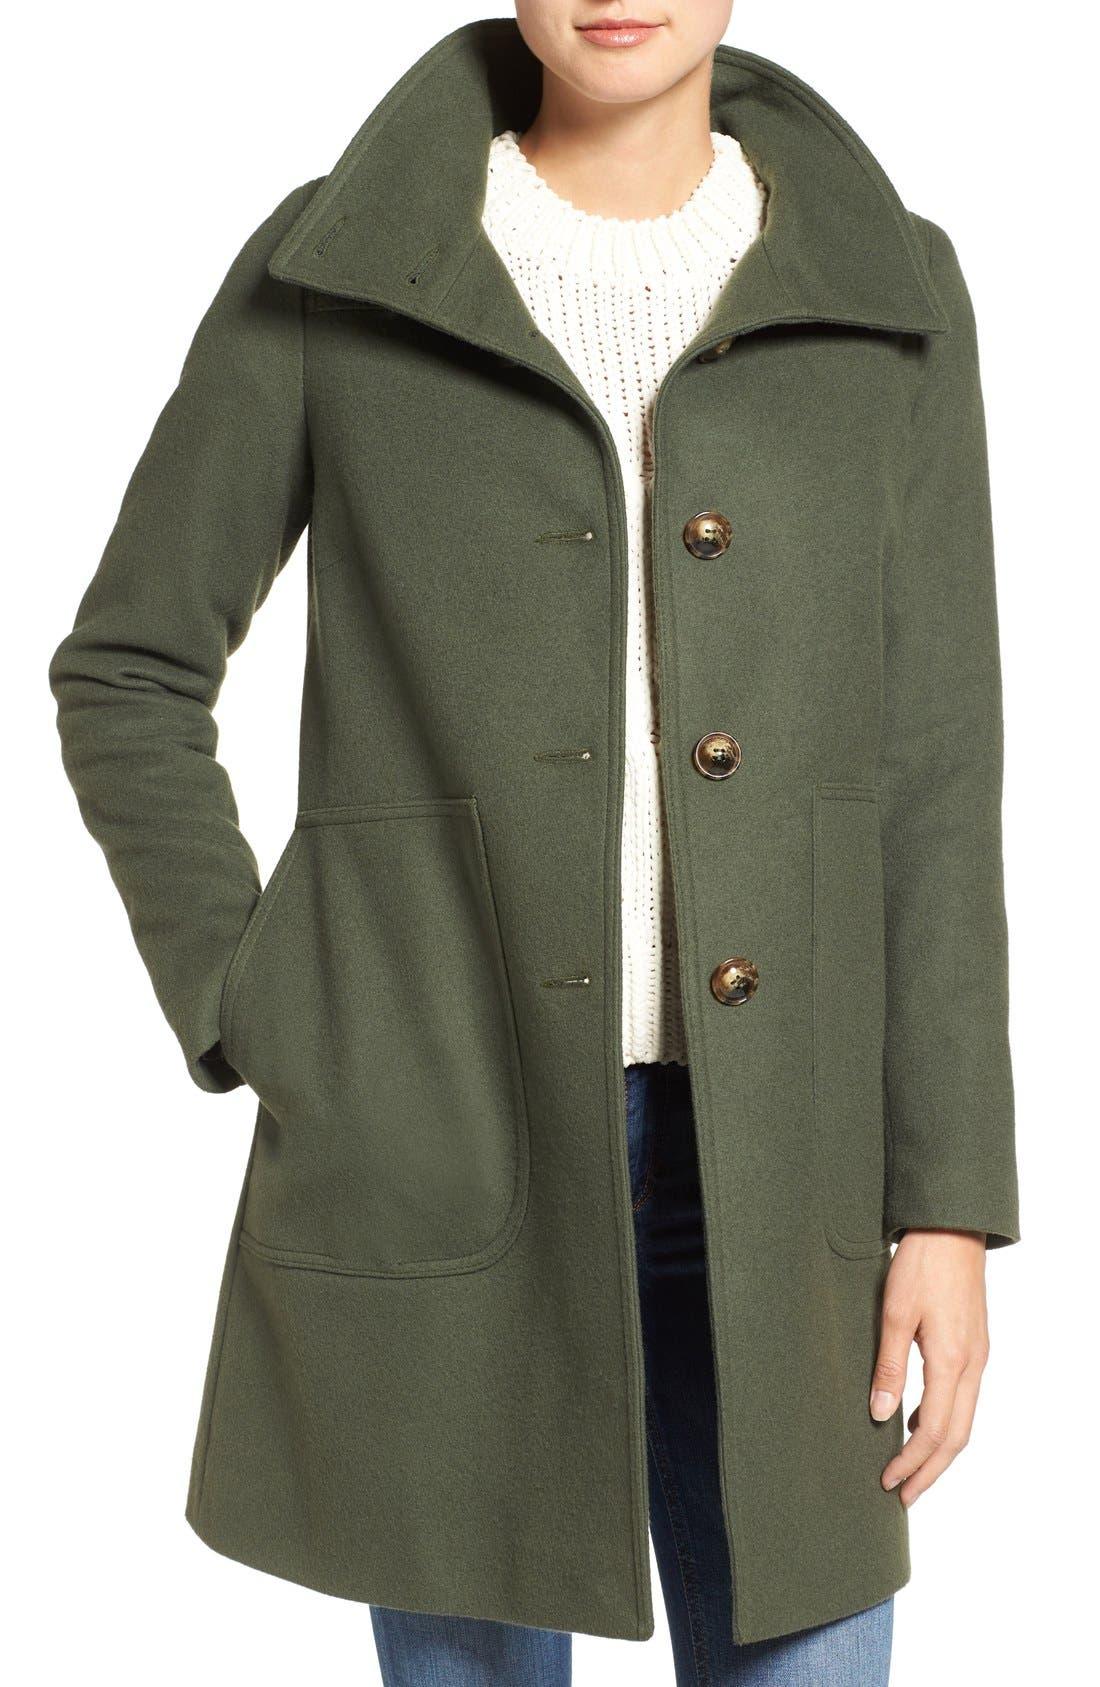 Alternate Image 1 Selected - Kristen Blake Funnel Neck Wool Blend Coat  (Regular & Petite)